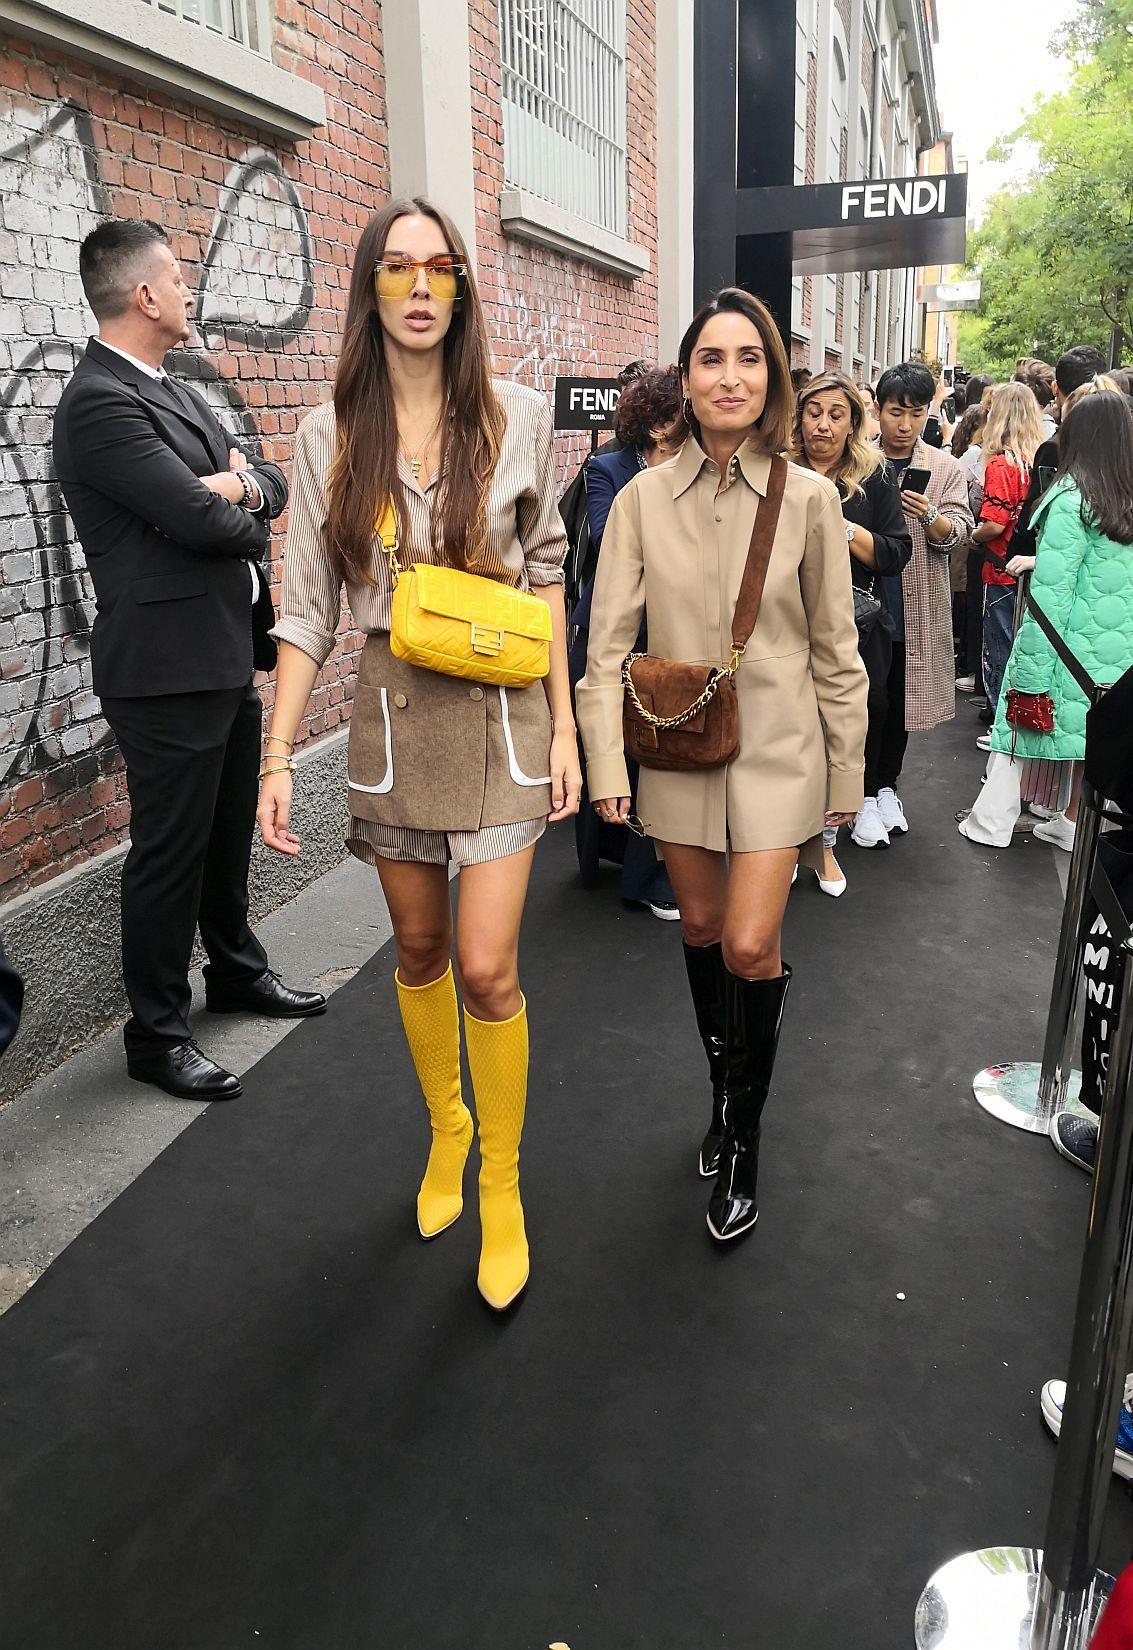 Fendi_Milan-Fashion-Week_street-style_spring-2020_september-2019_10